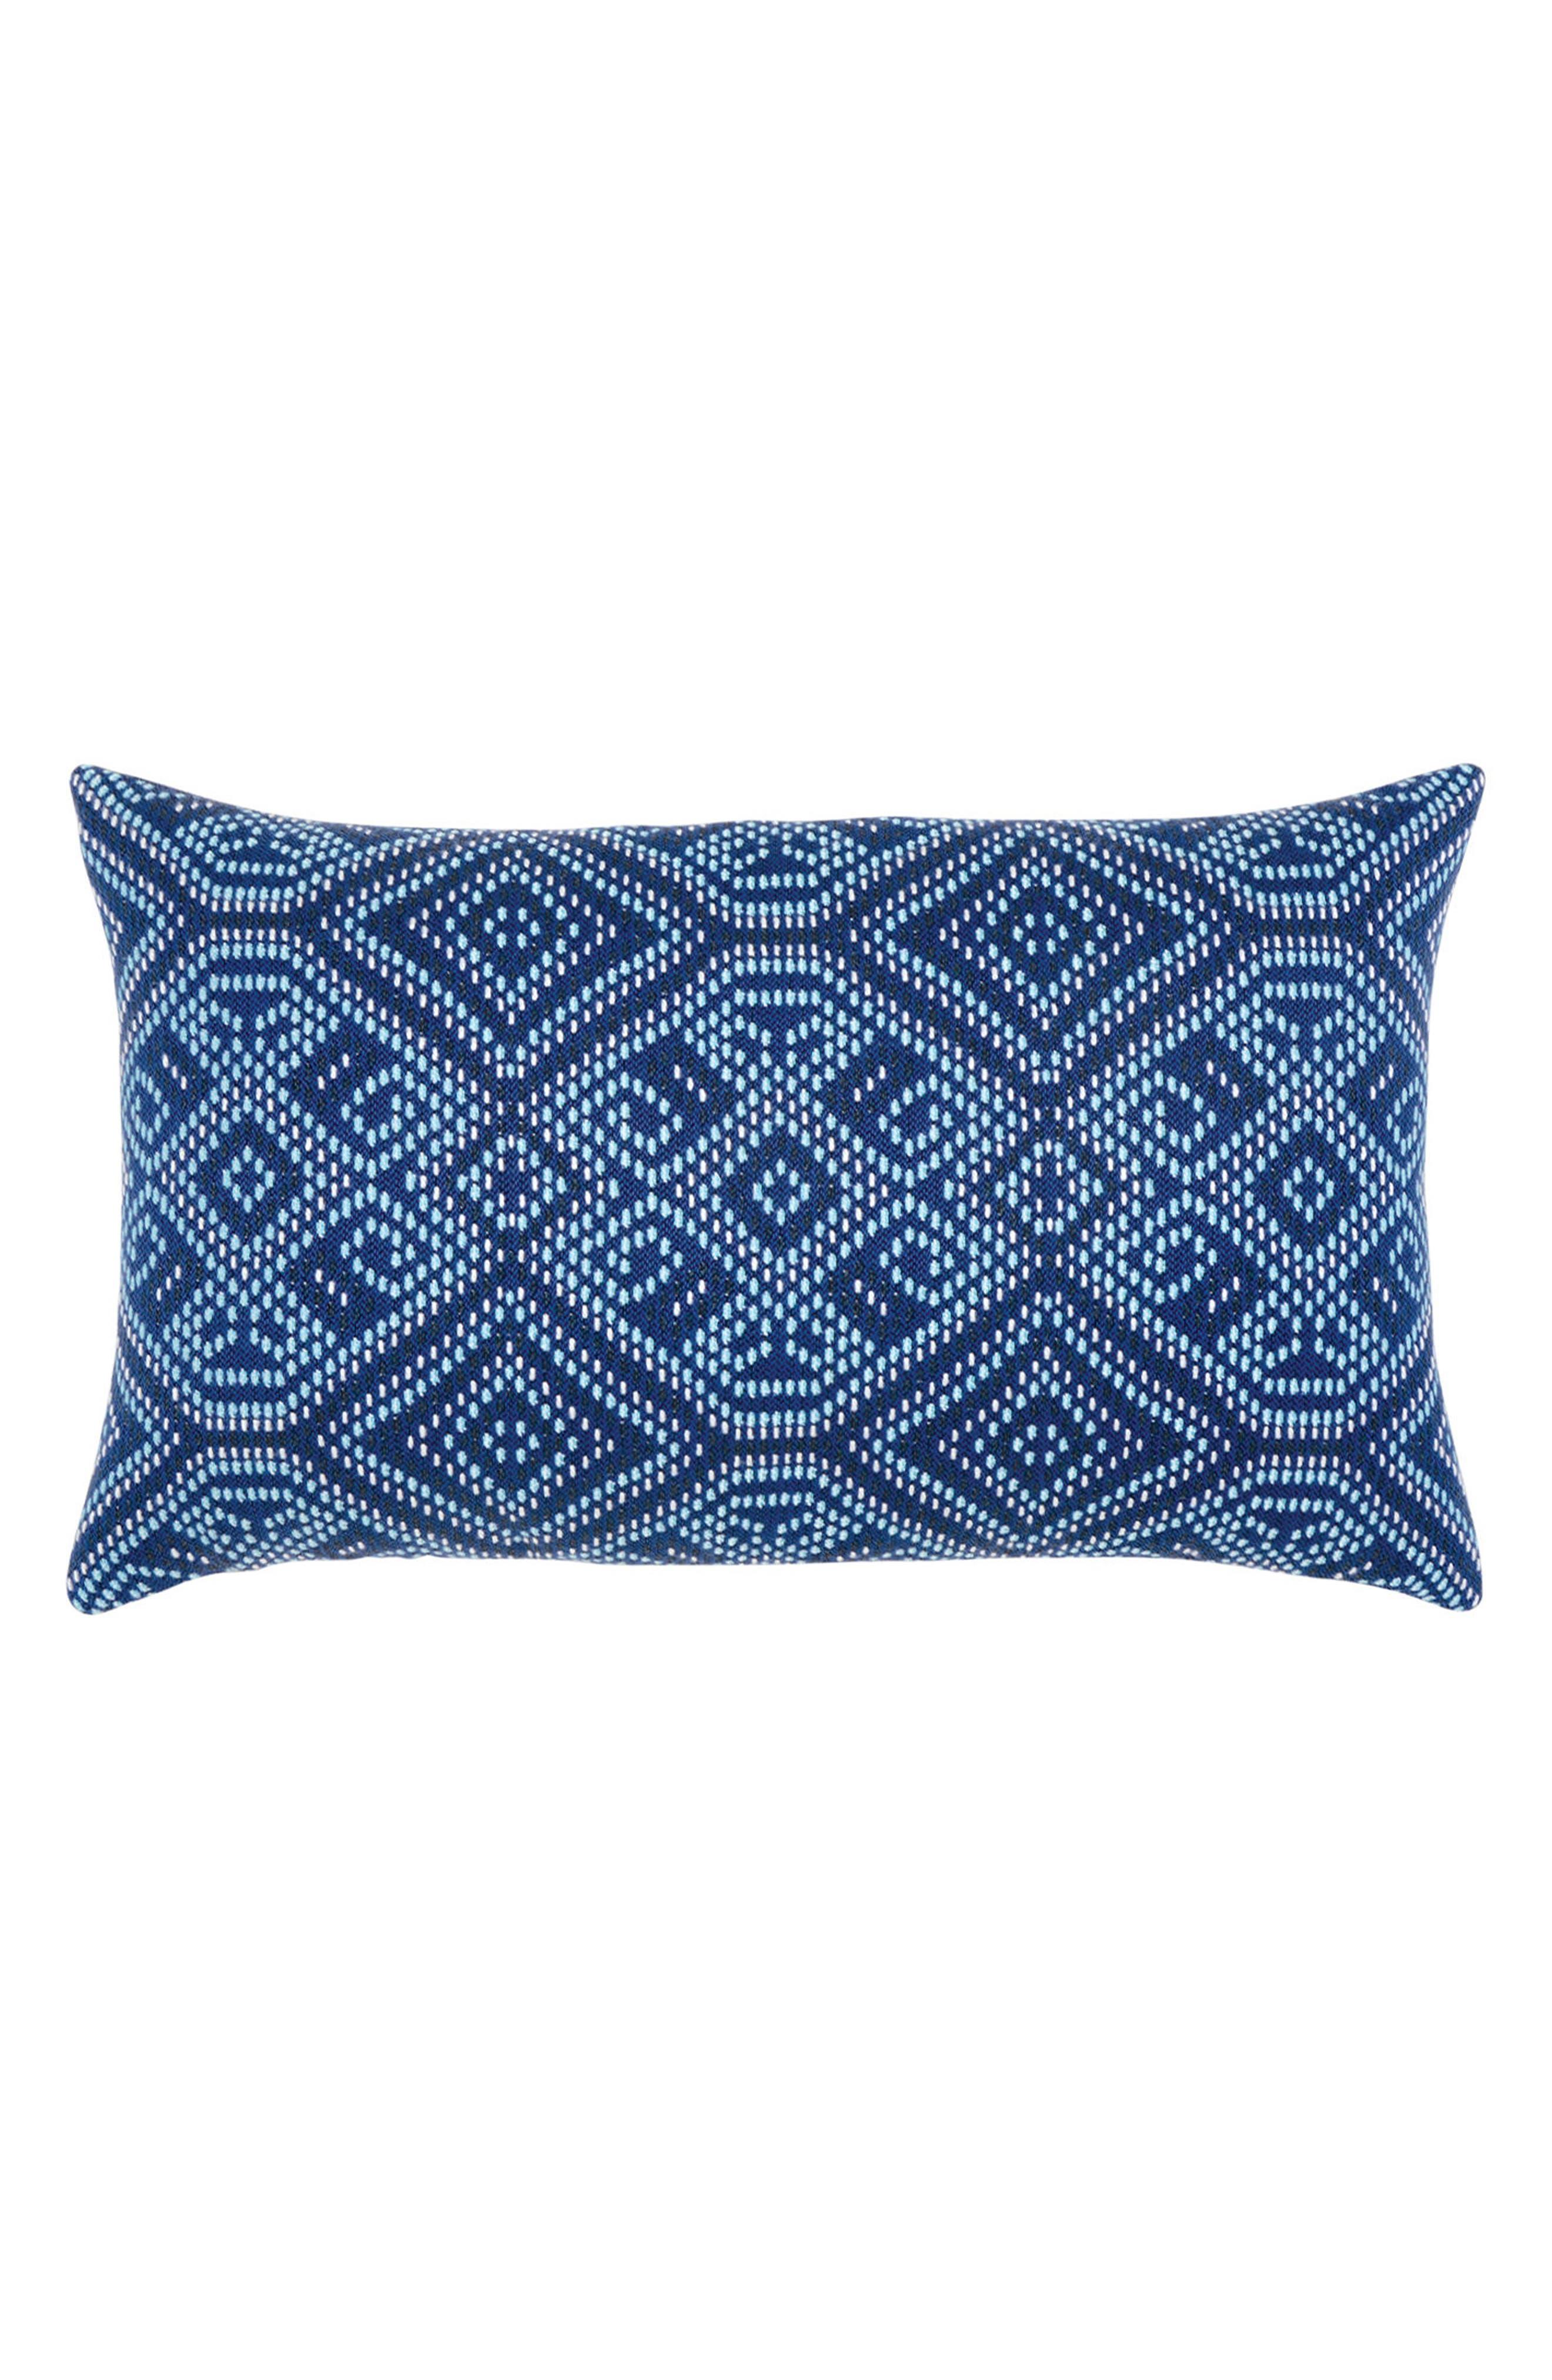 Midnight Tile Lumbar Pillow,                         Main,                         color, BLUE